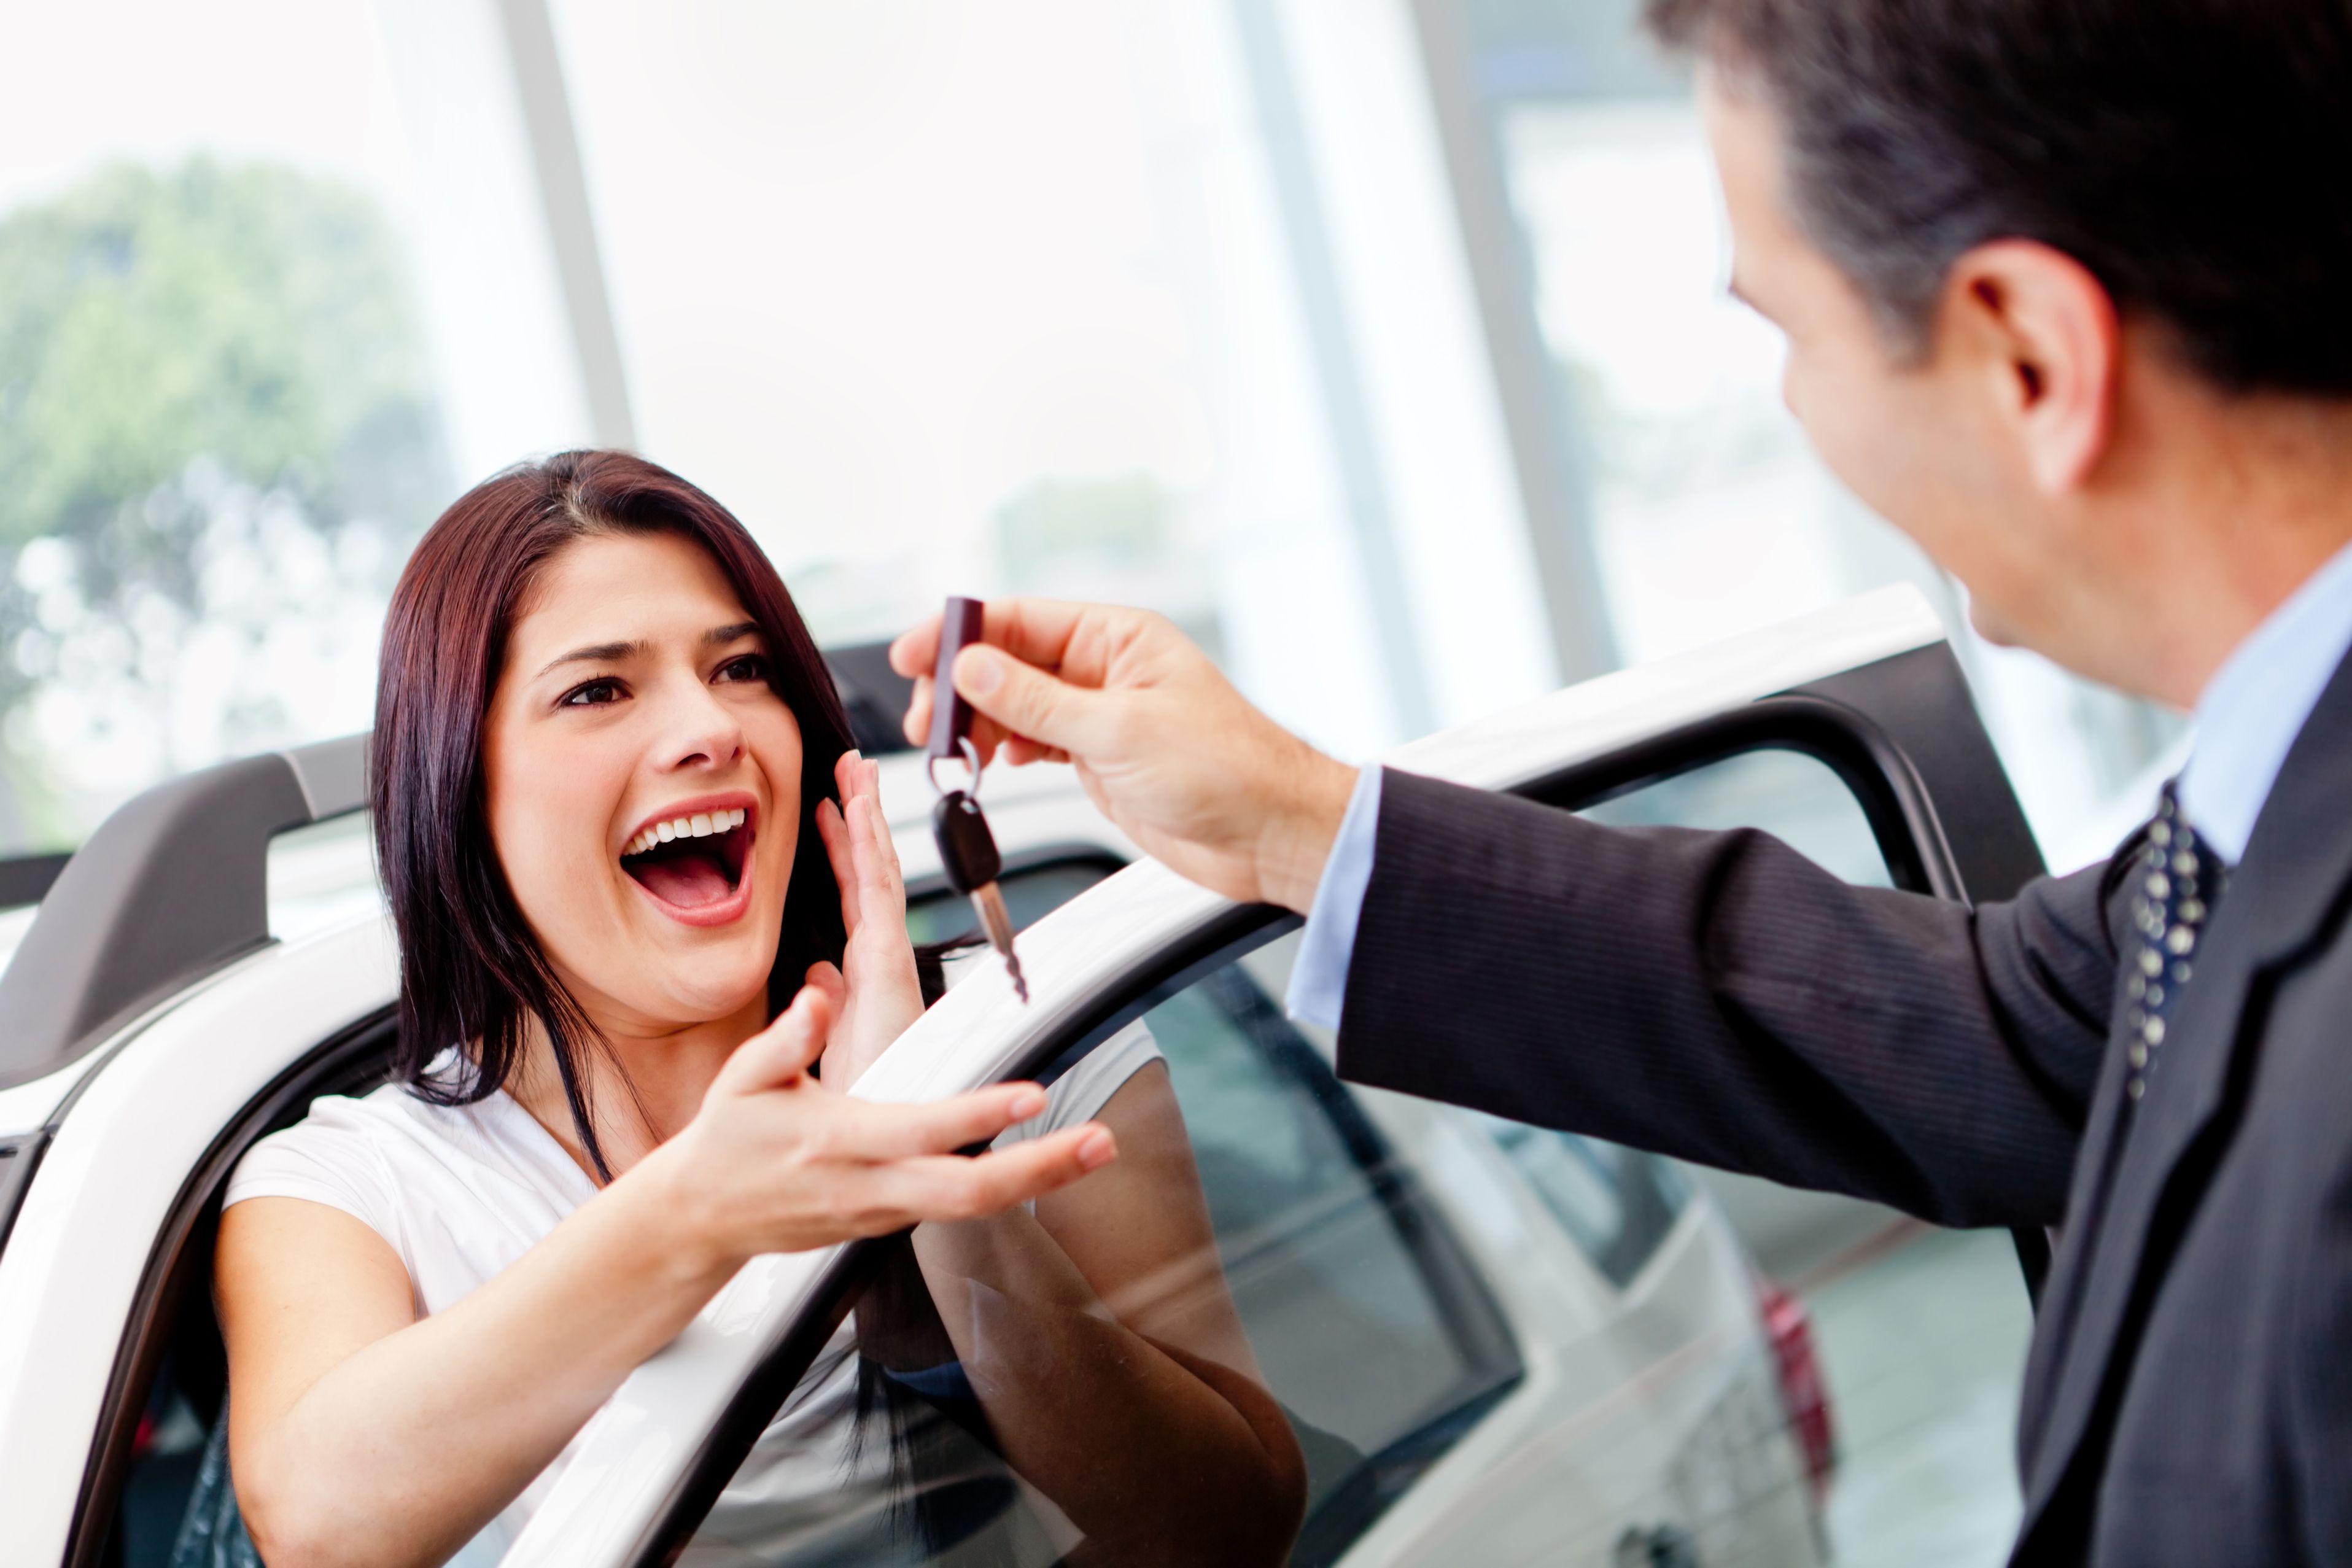 Compra programada de carros novos | Beta Consorcios